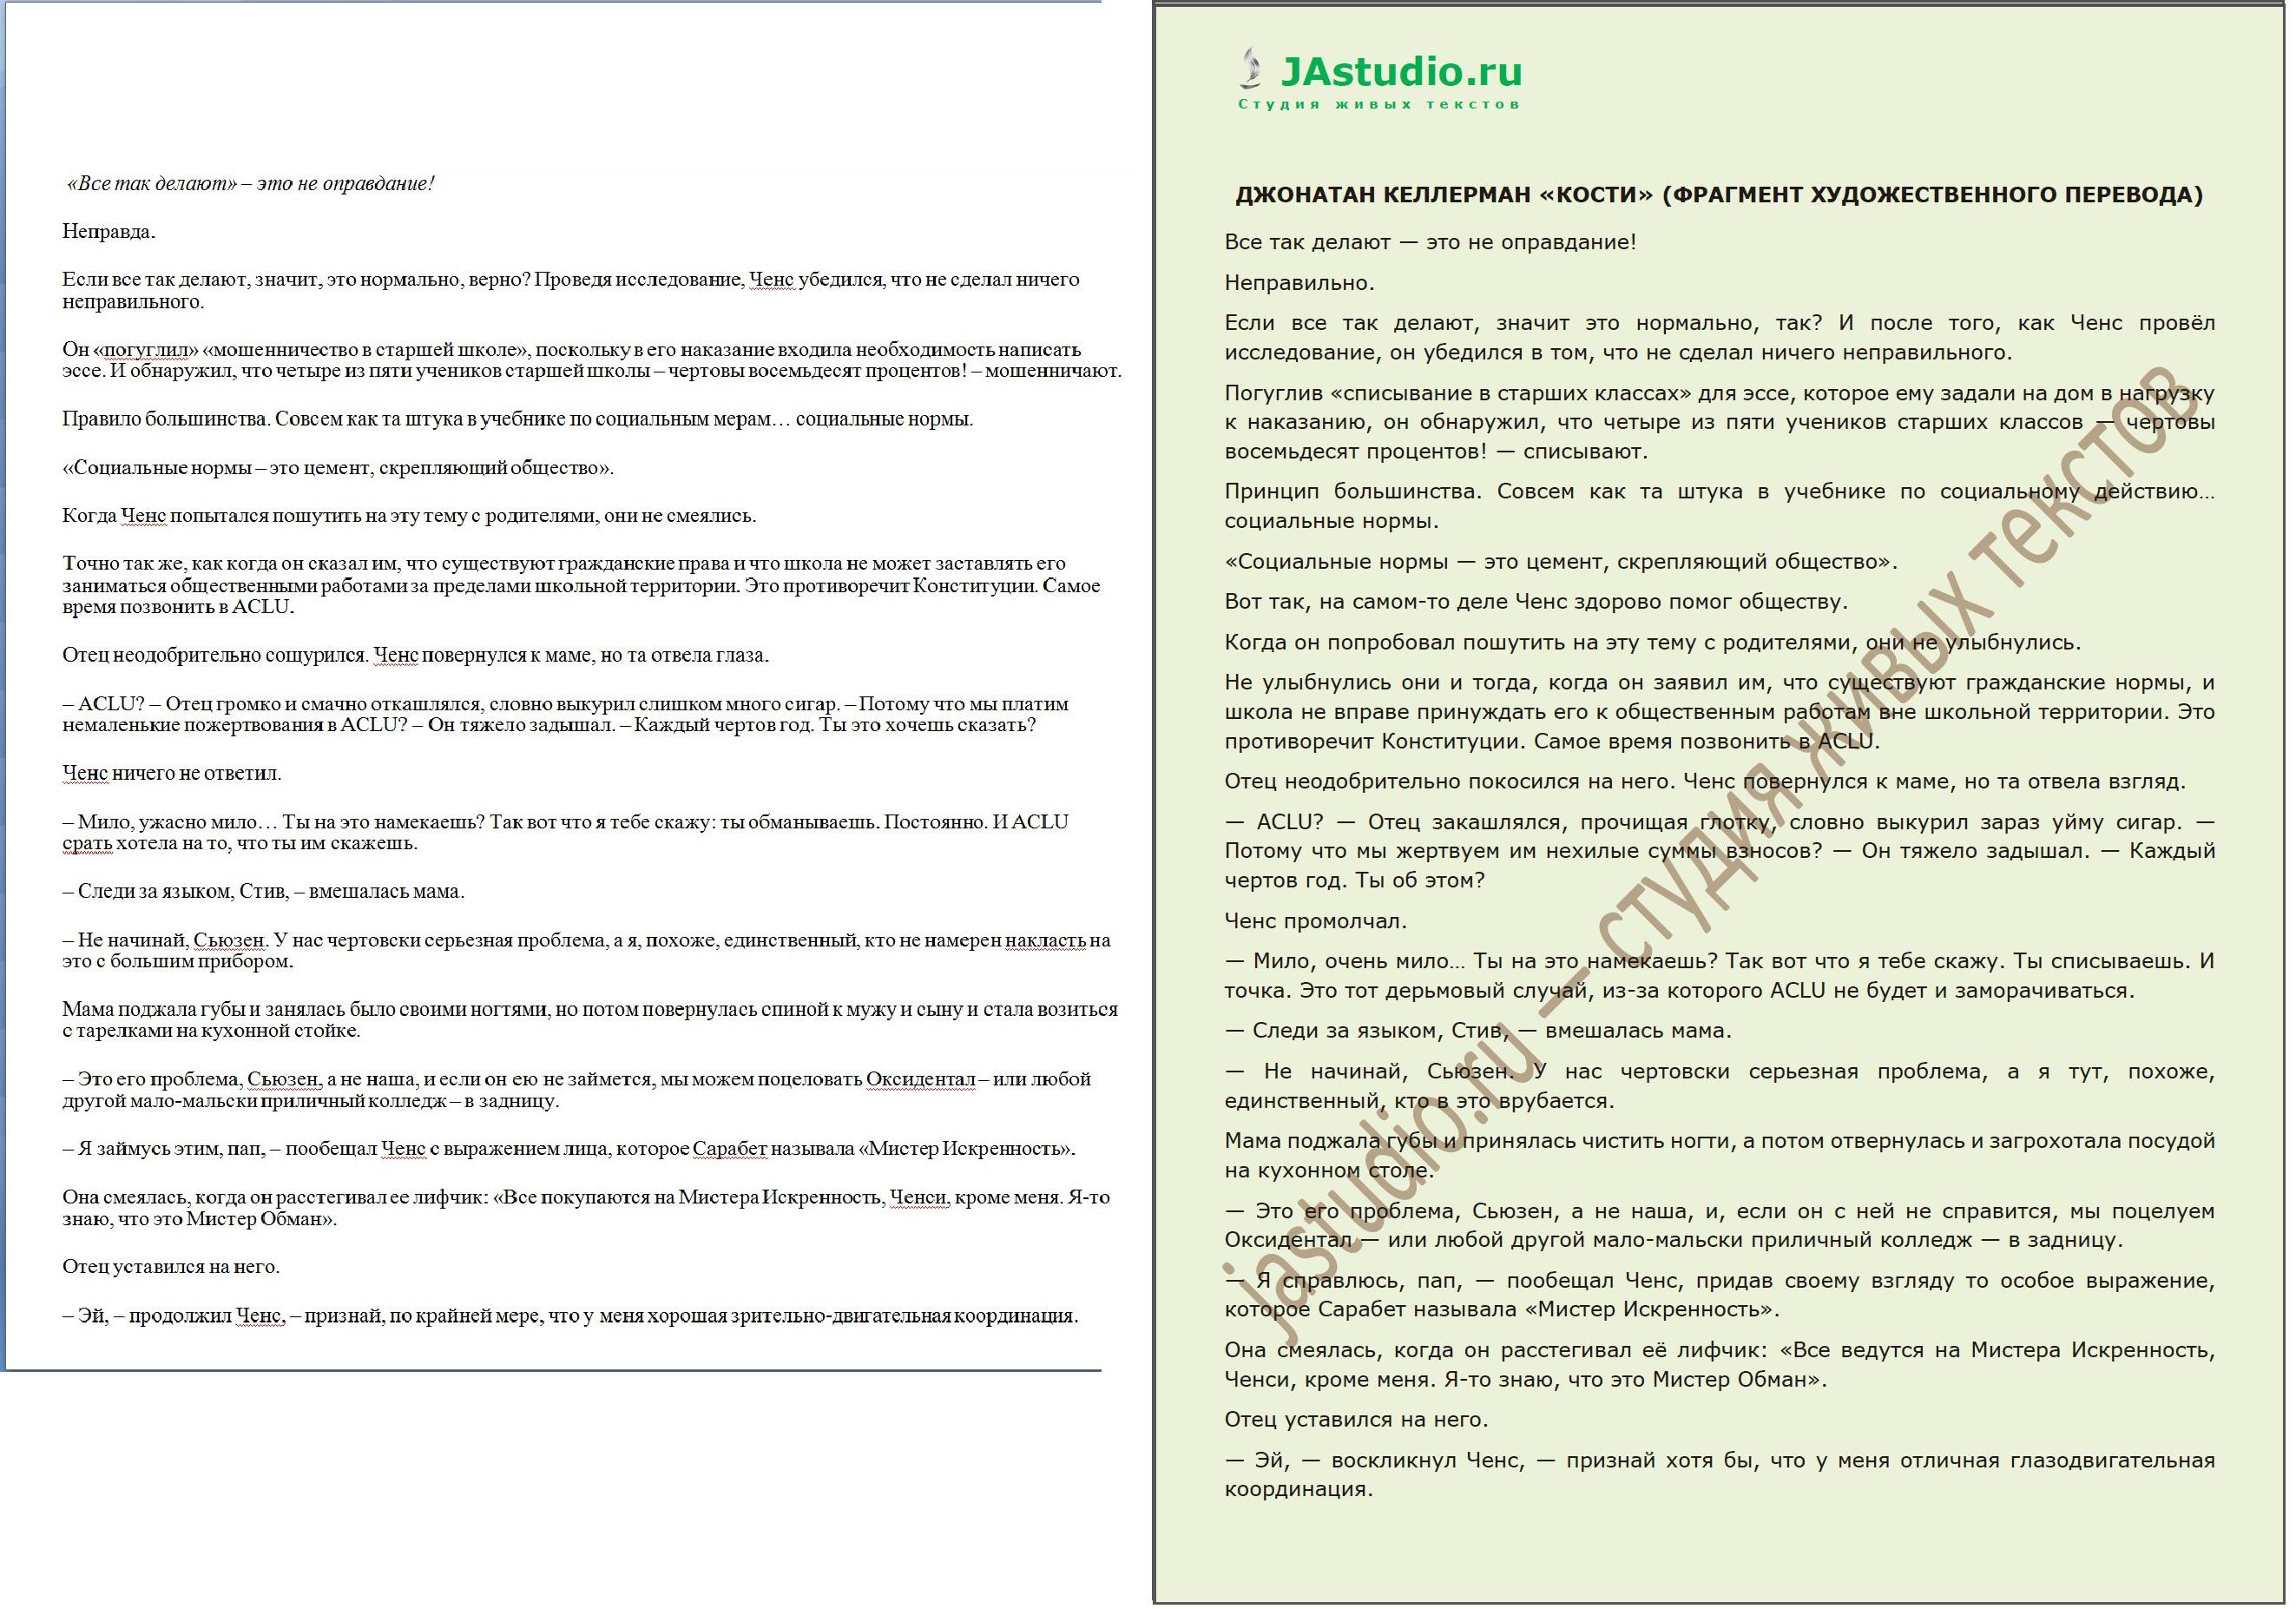 """Переводы на заказ: портфолио, фрагмент """"Кости"""""""